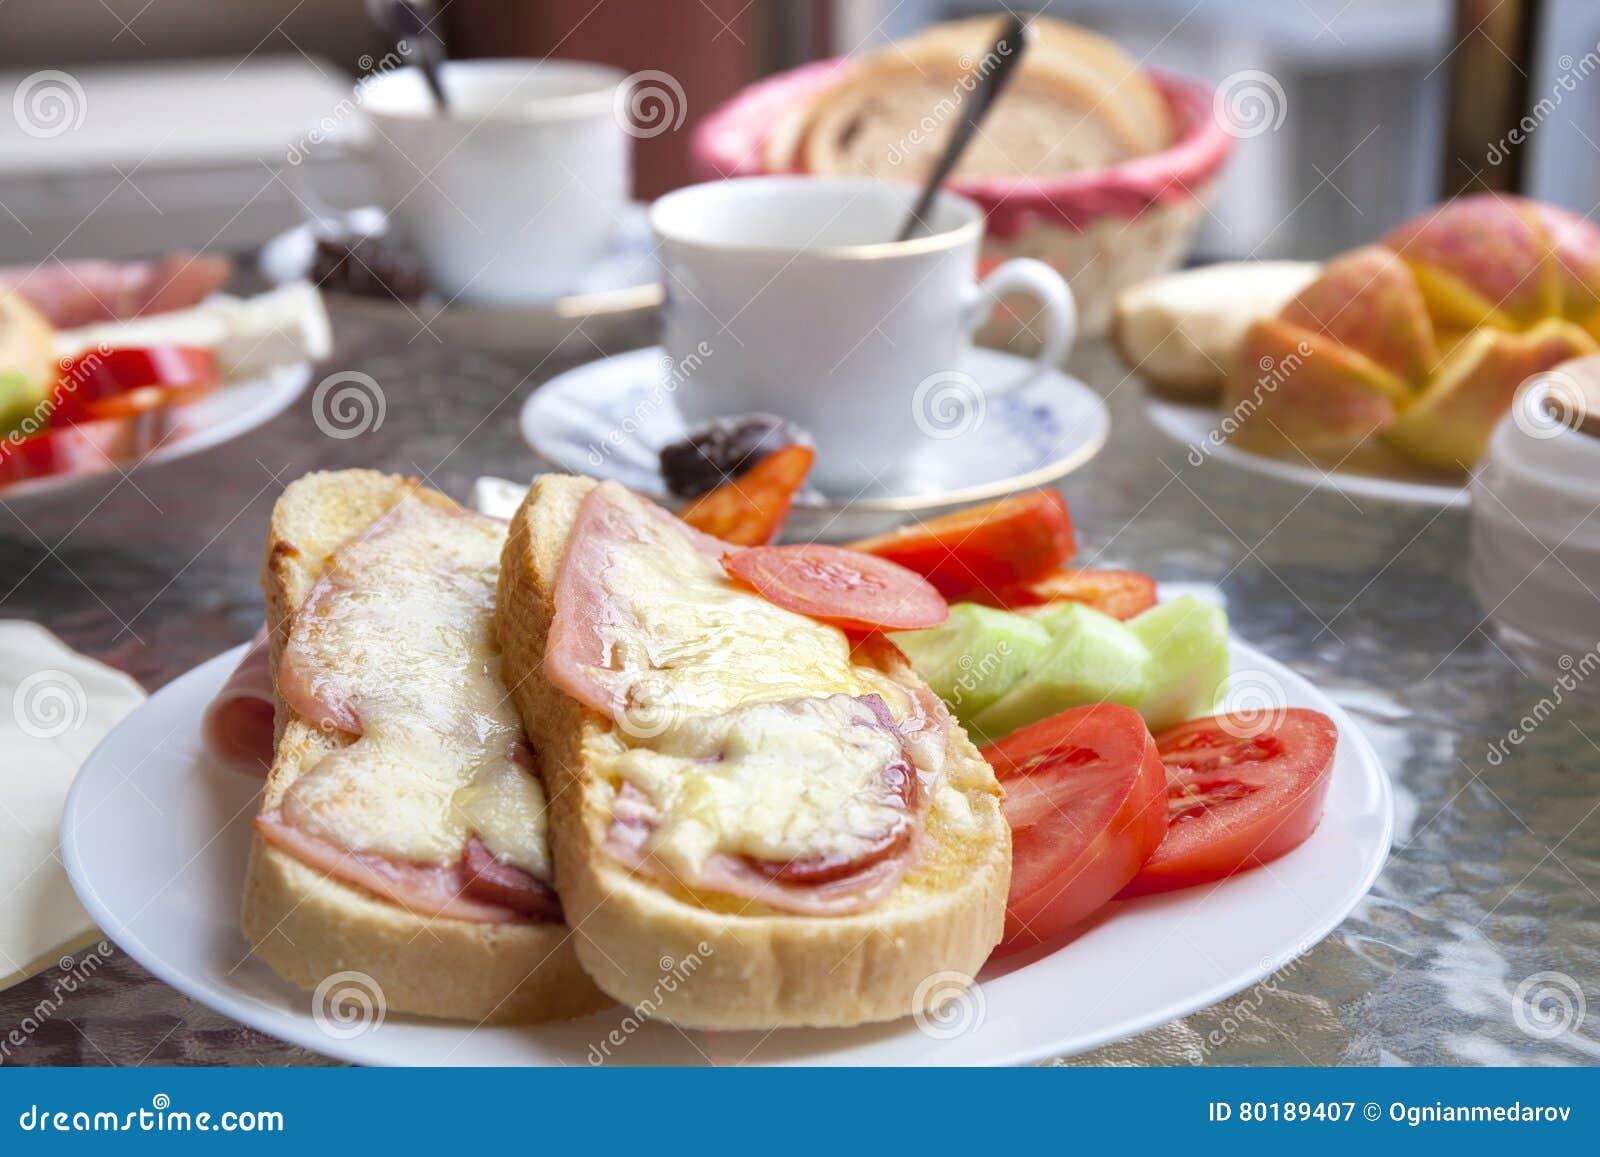 Desayuno En La Terraza Imagen De Archivo Imagen De Fresco